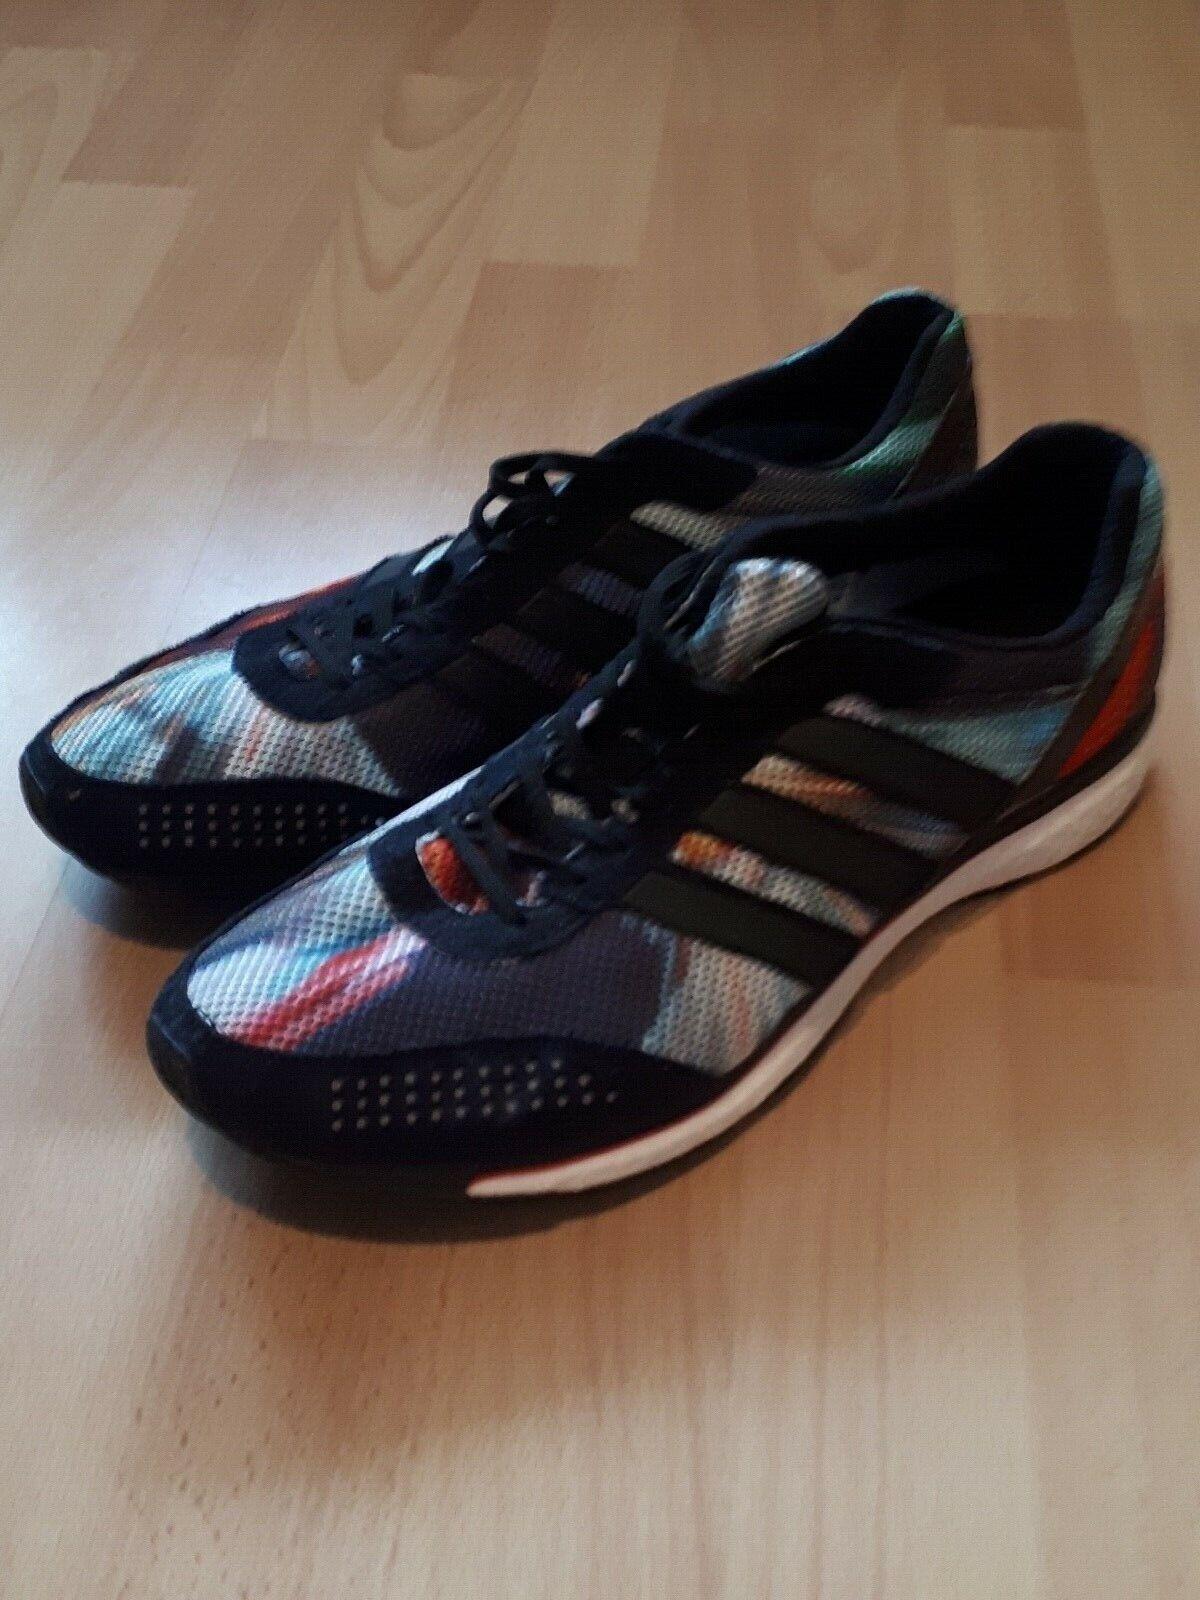 Herren Adidas Adios Boost Schuhe (46.5)